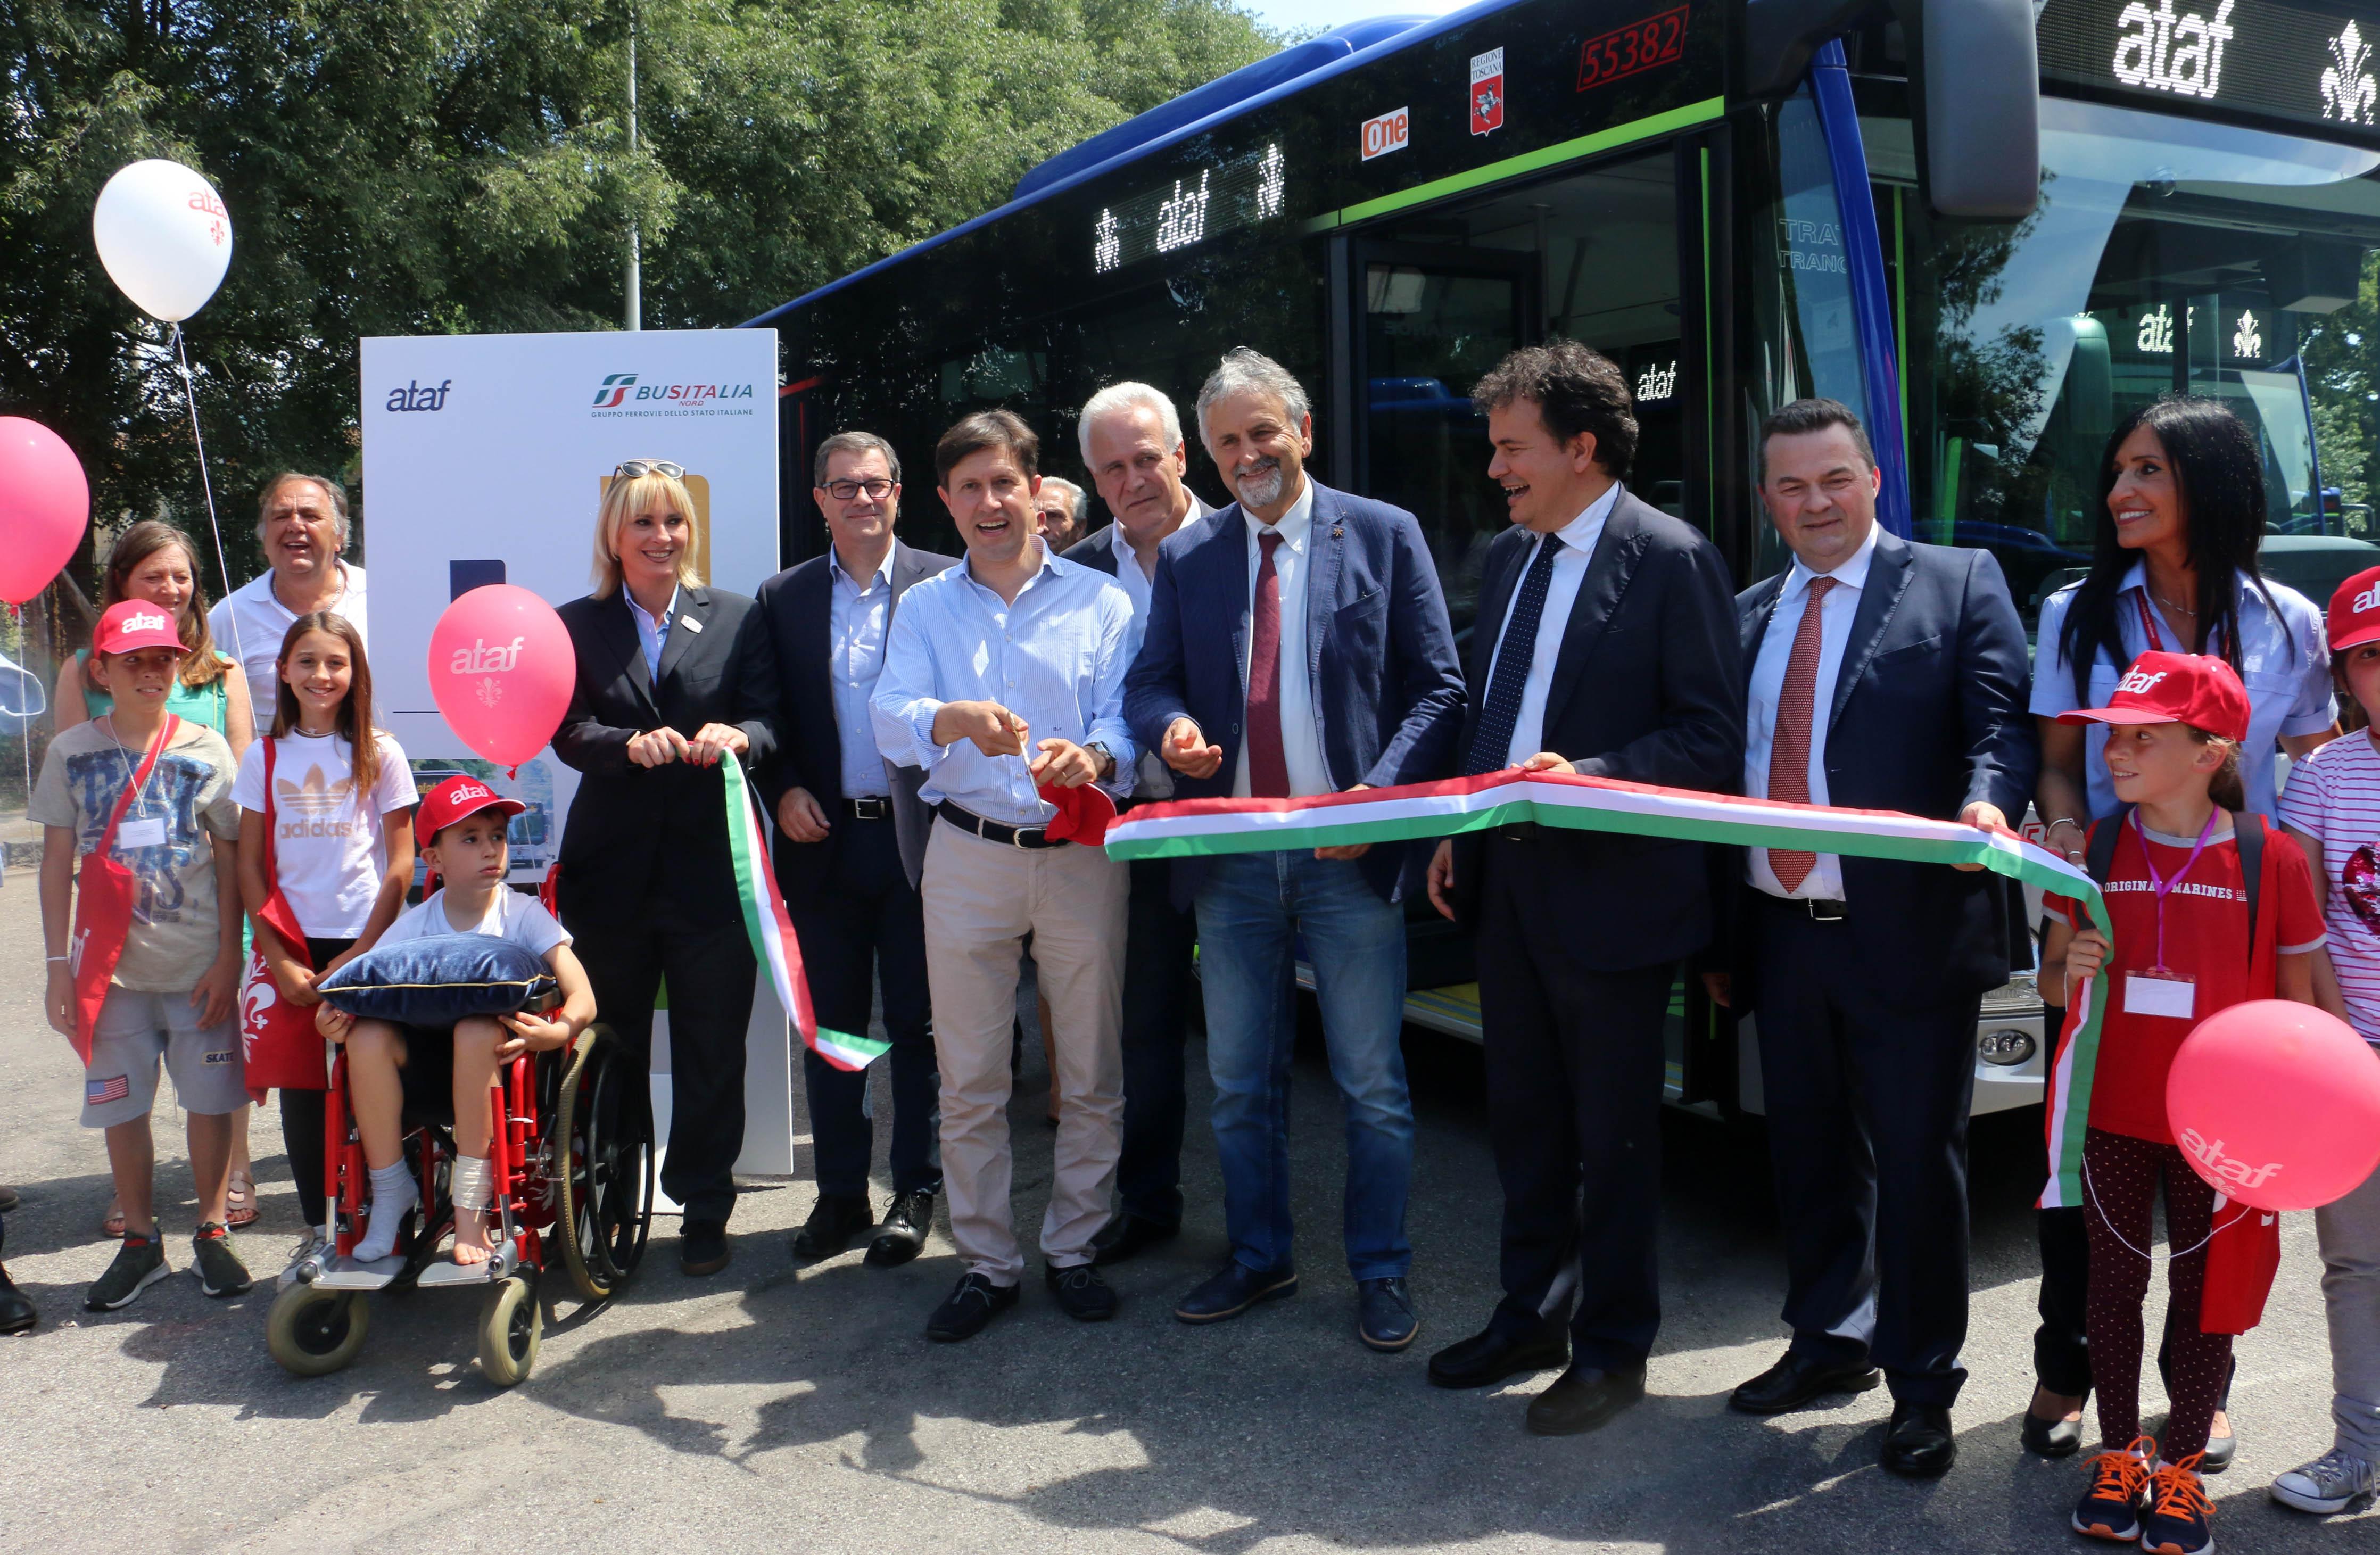 Presentazione nuovi bus Ataf